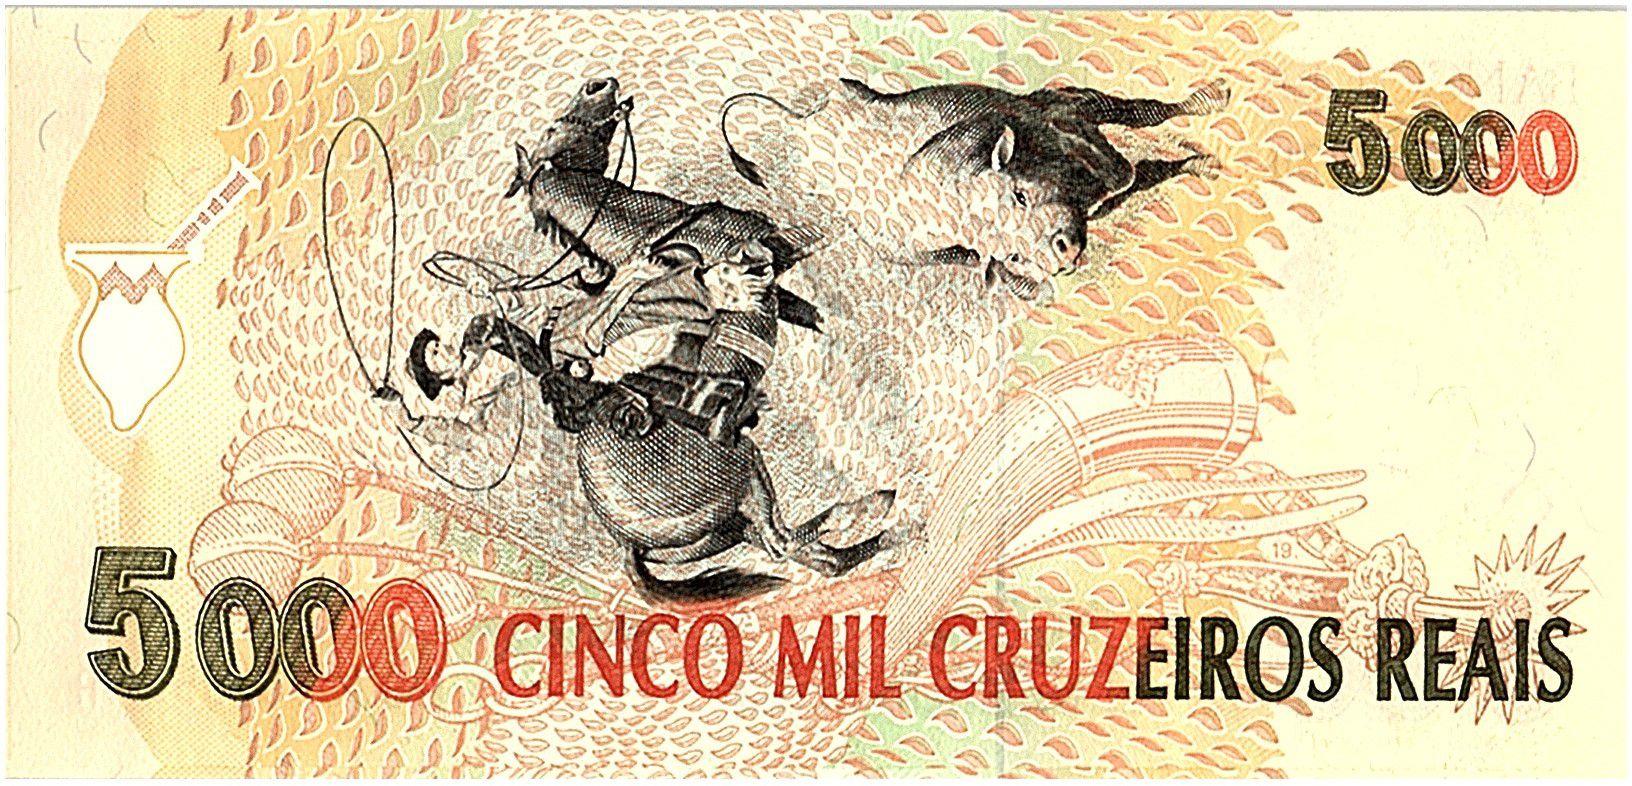 Brésil 5000 Cruzeiros Reais, Gaucho - 1993